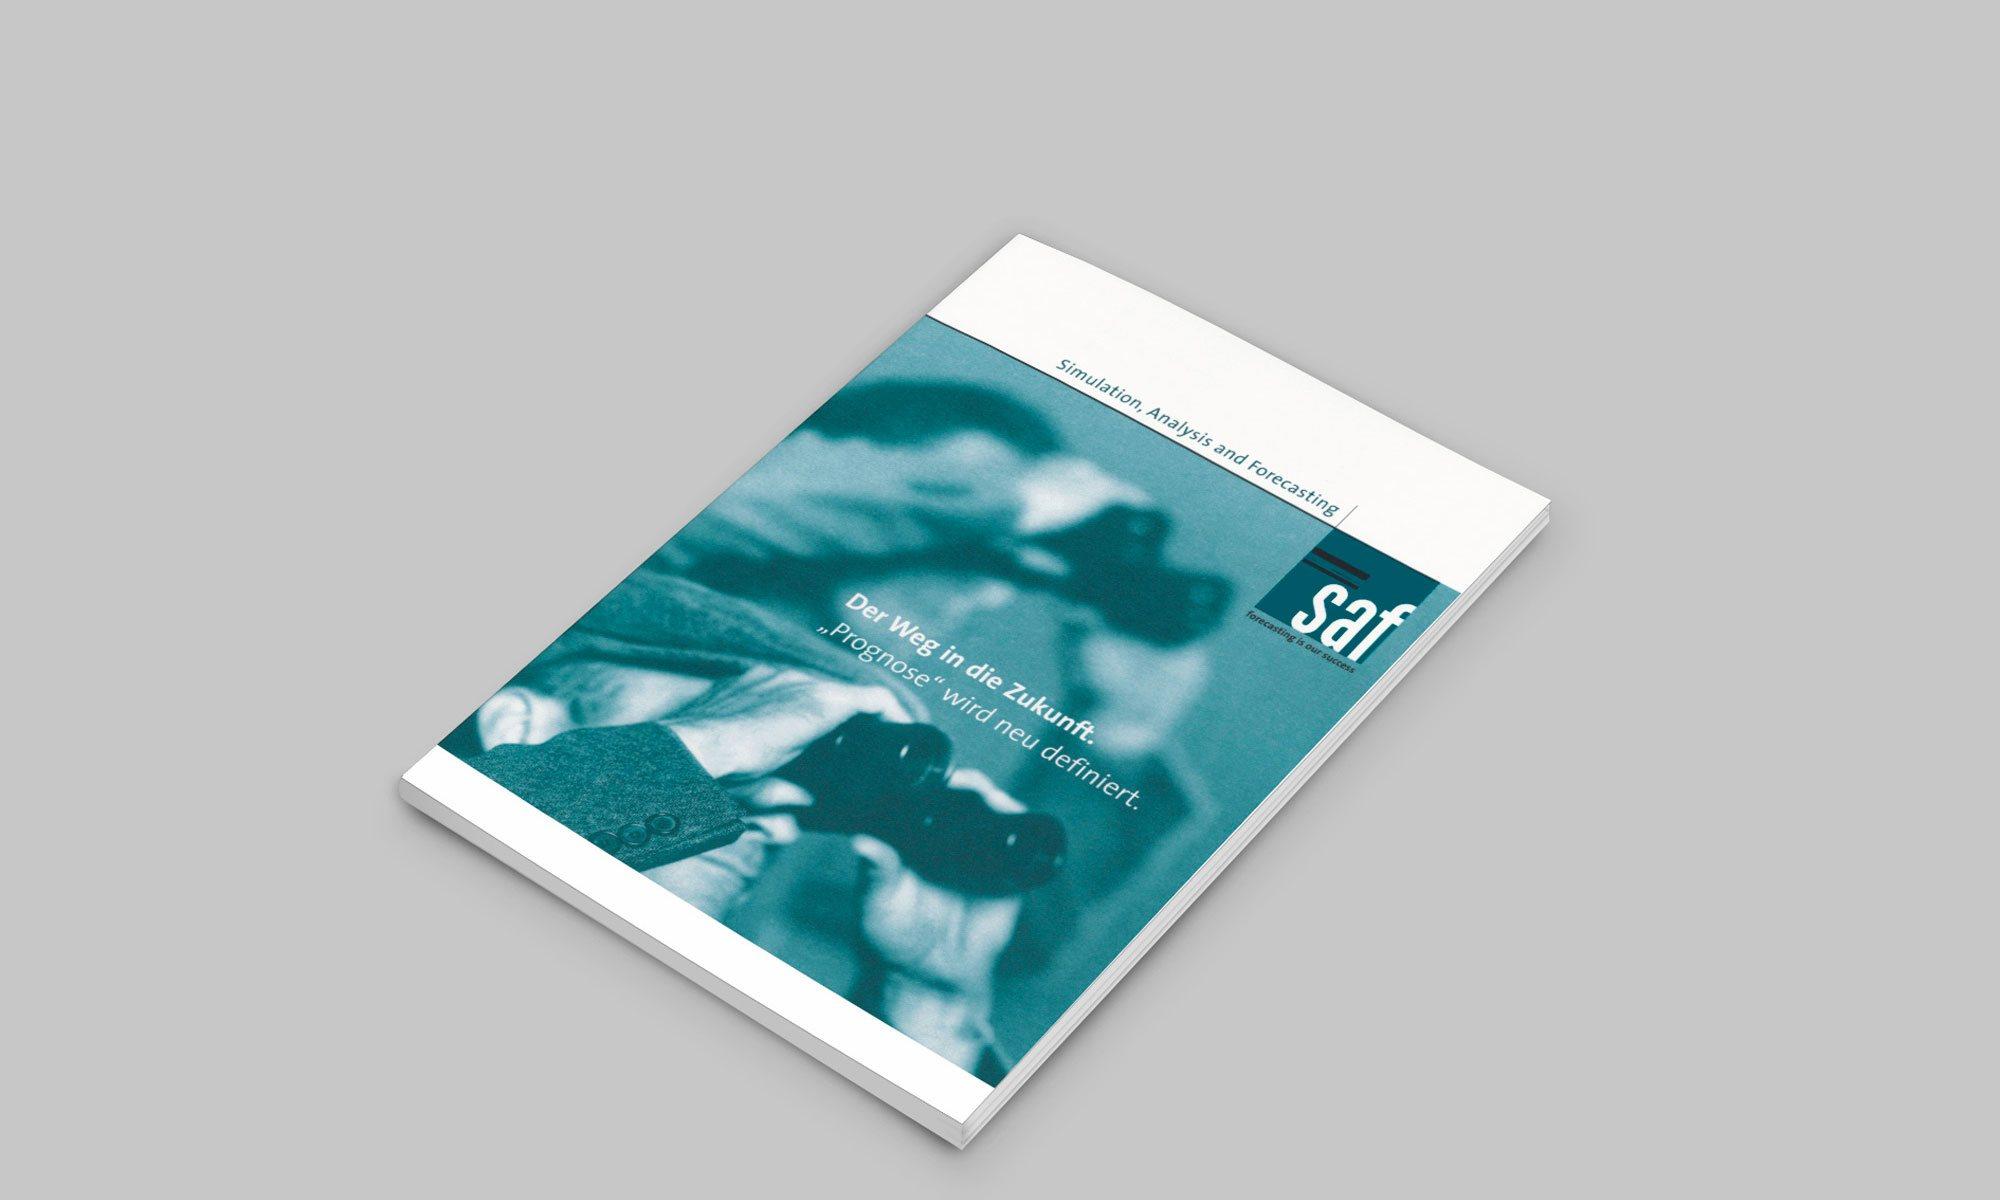 saf-cover-cd